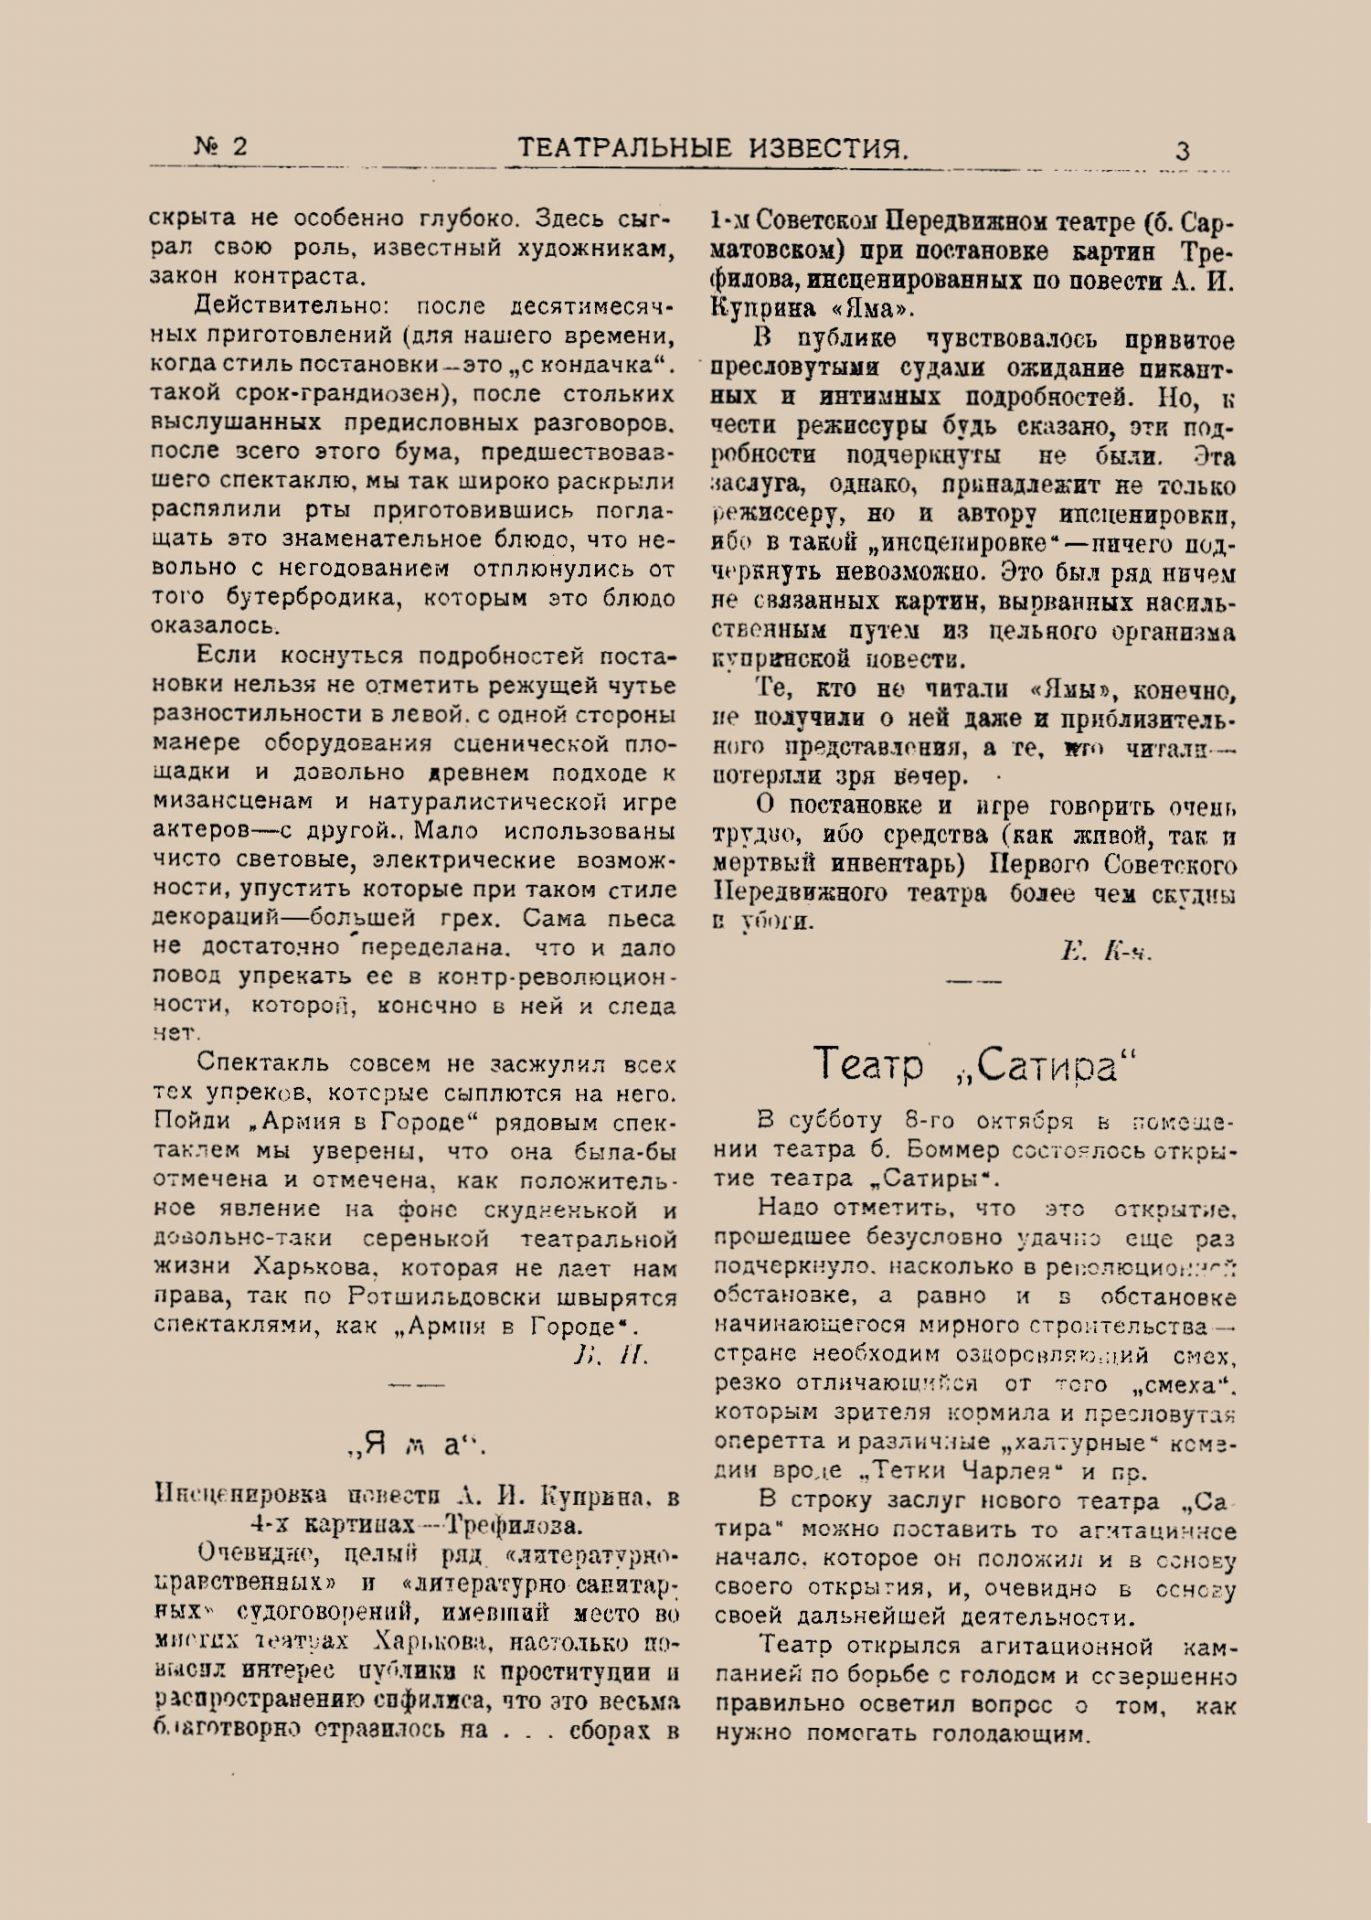 Театральные известия_1921_№2